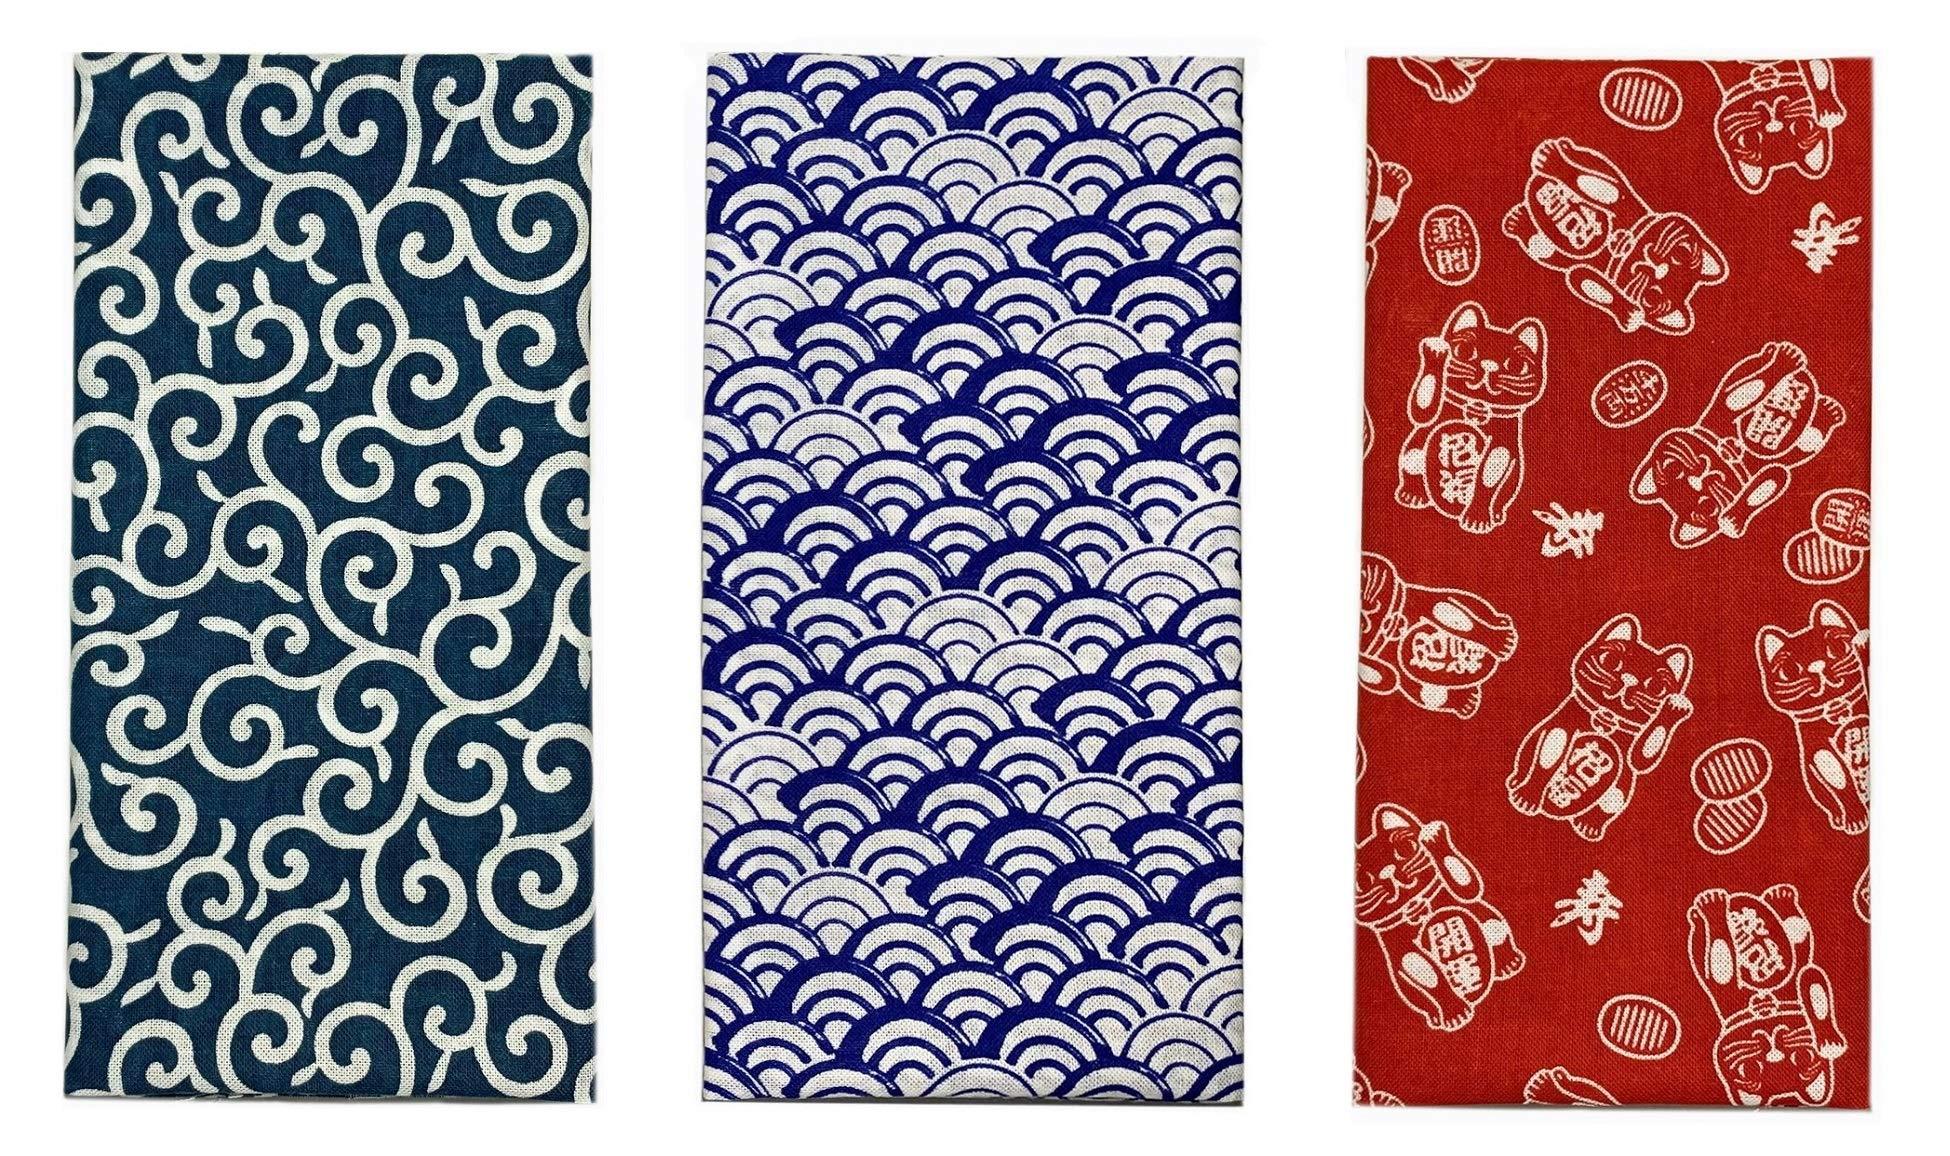 Made in Japan Komon Tenugui Towel 3 Type Set(Karakusa,Blue Waves, Maneki Neko)